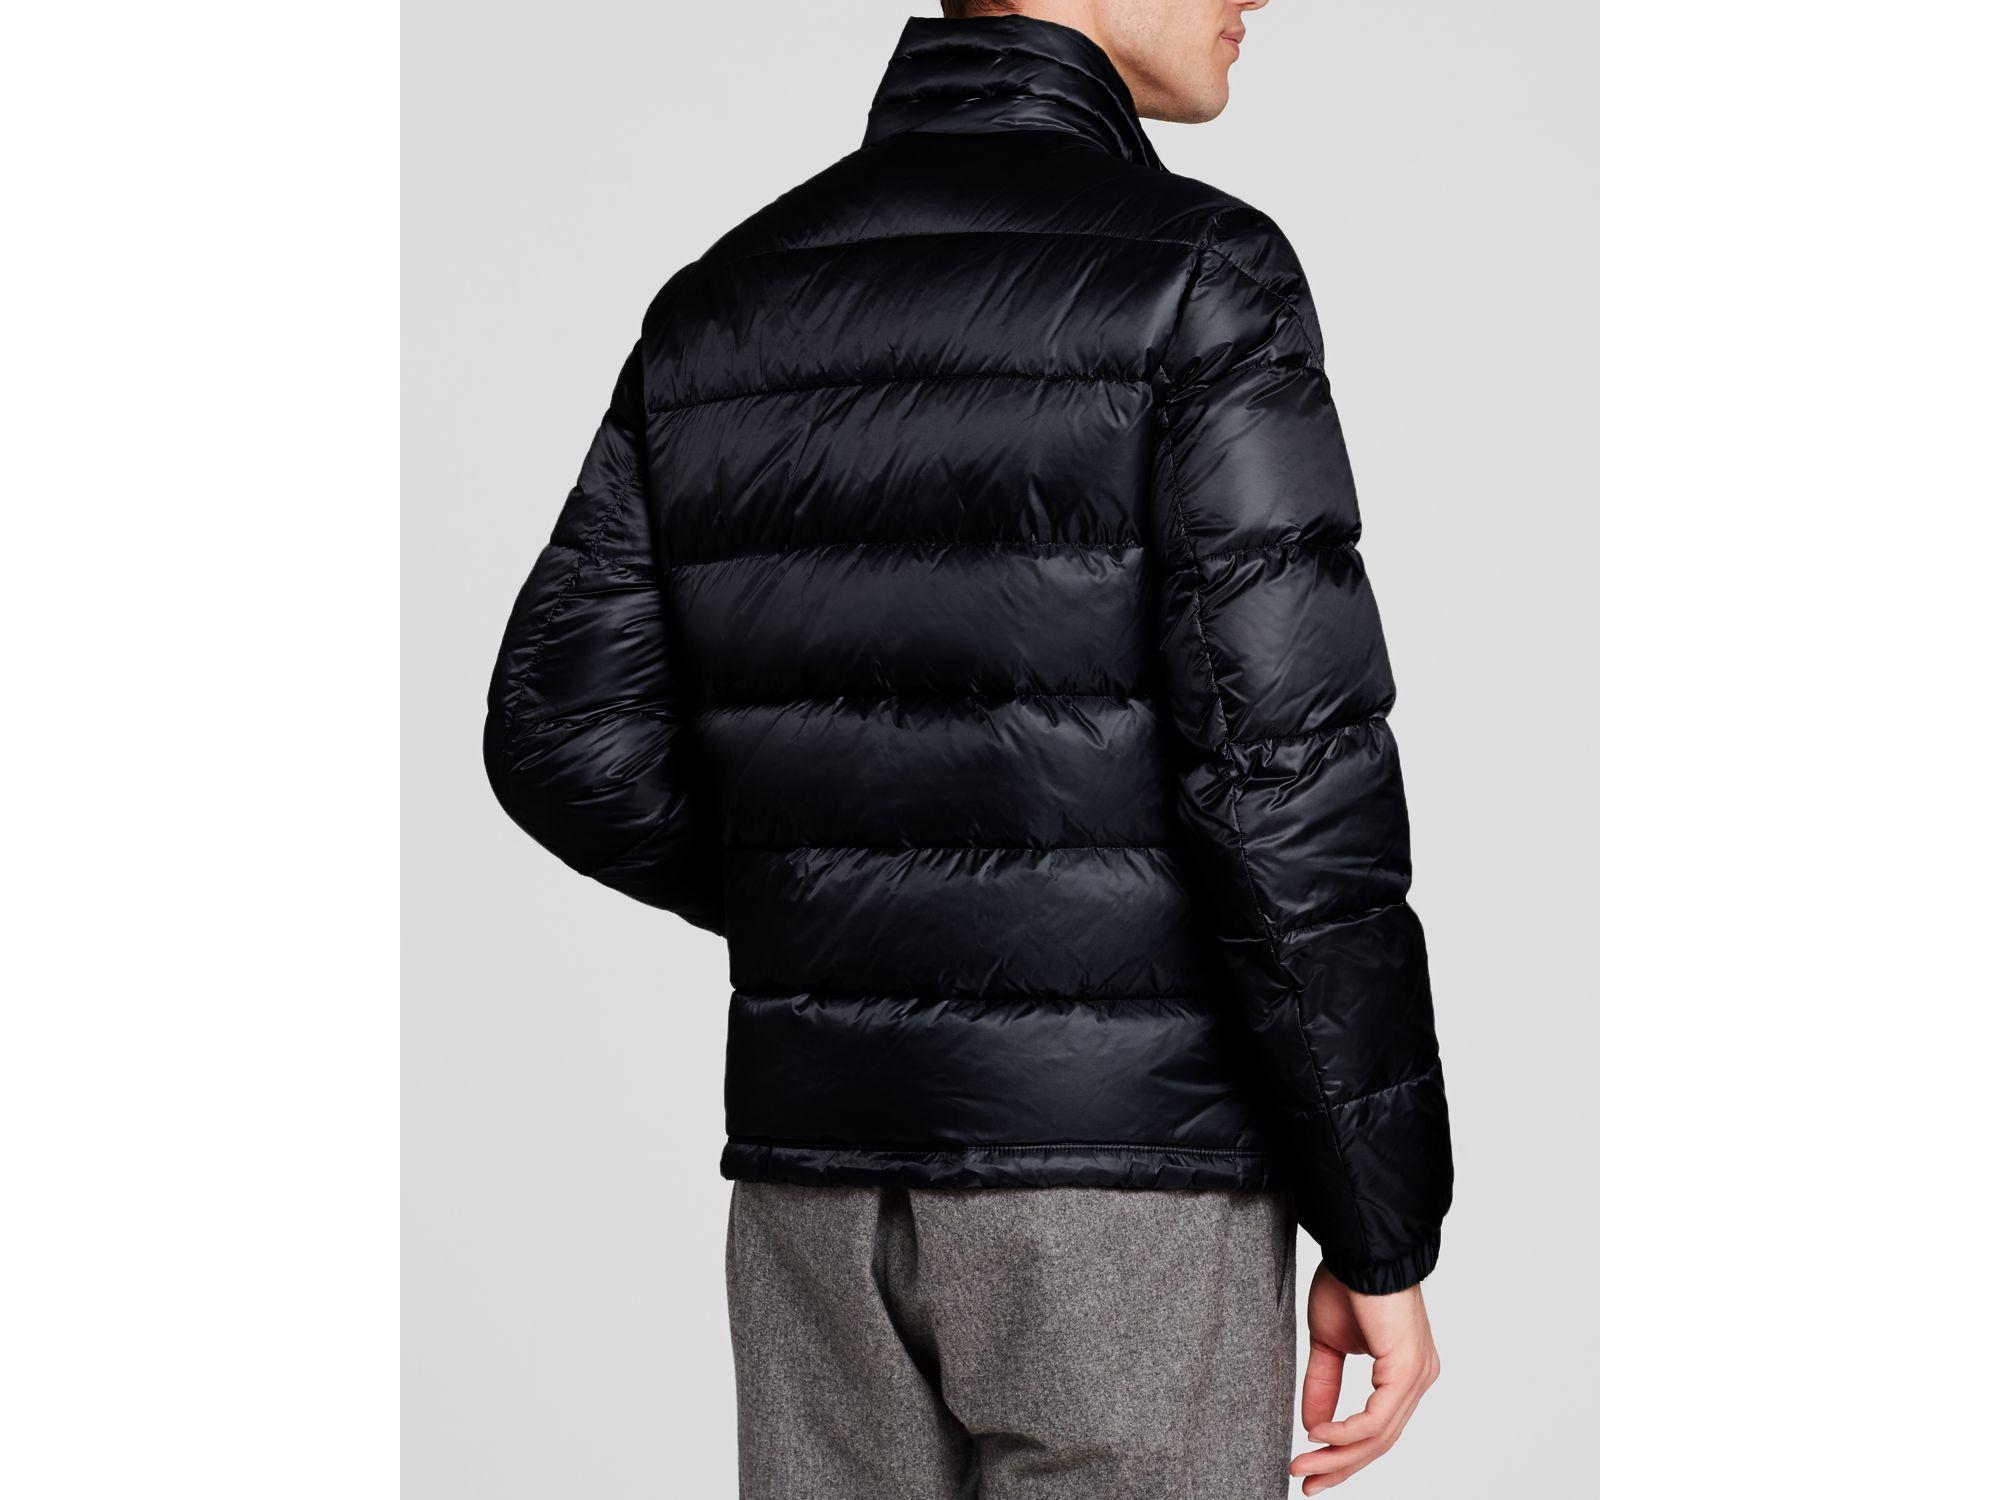 moncler mens jacket sale uk kent for sale. Black Bedroom Furniture Sets. Home Design Ideas